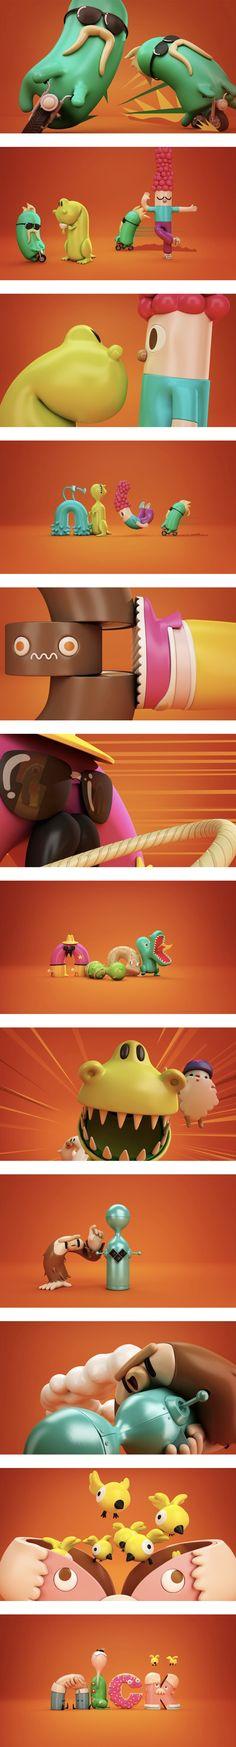 Nickelodeon Brand Identity